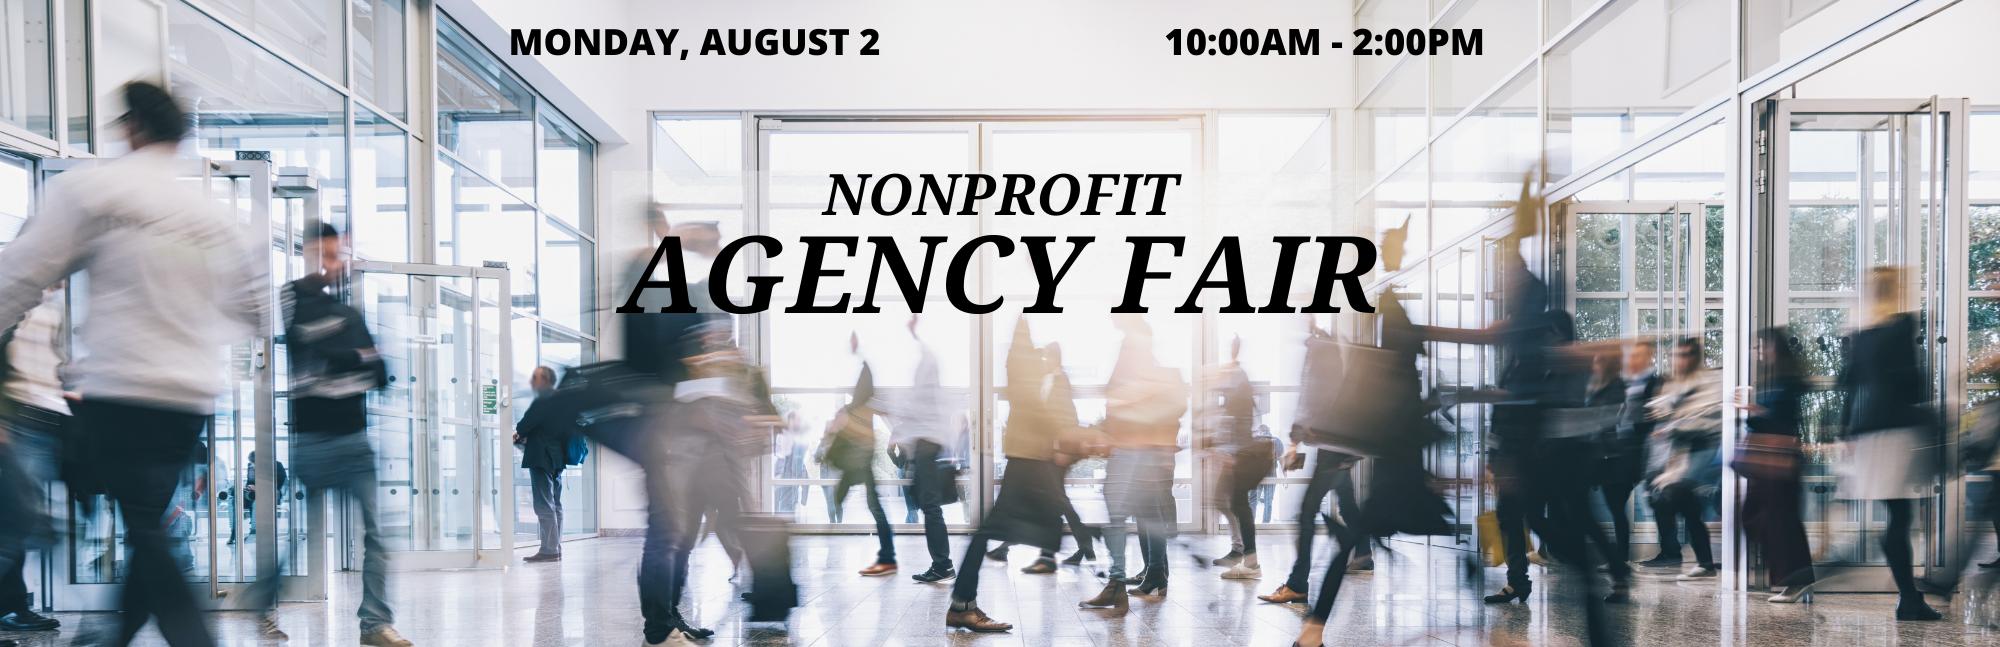 Agency Fair